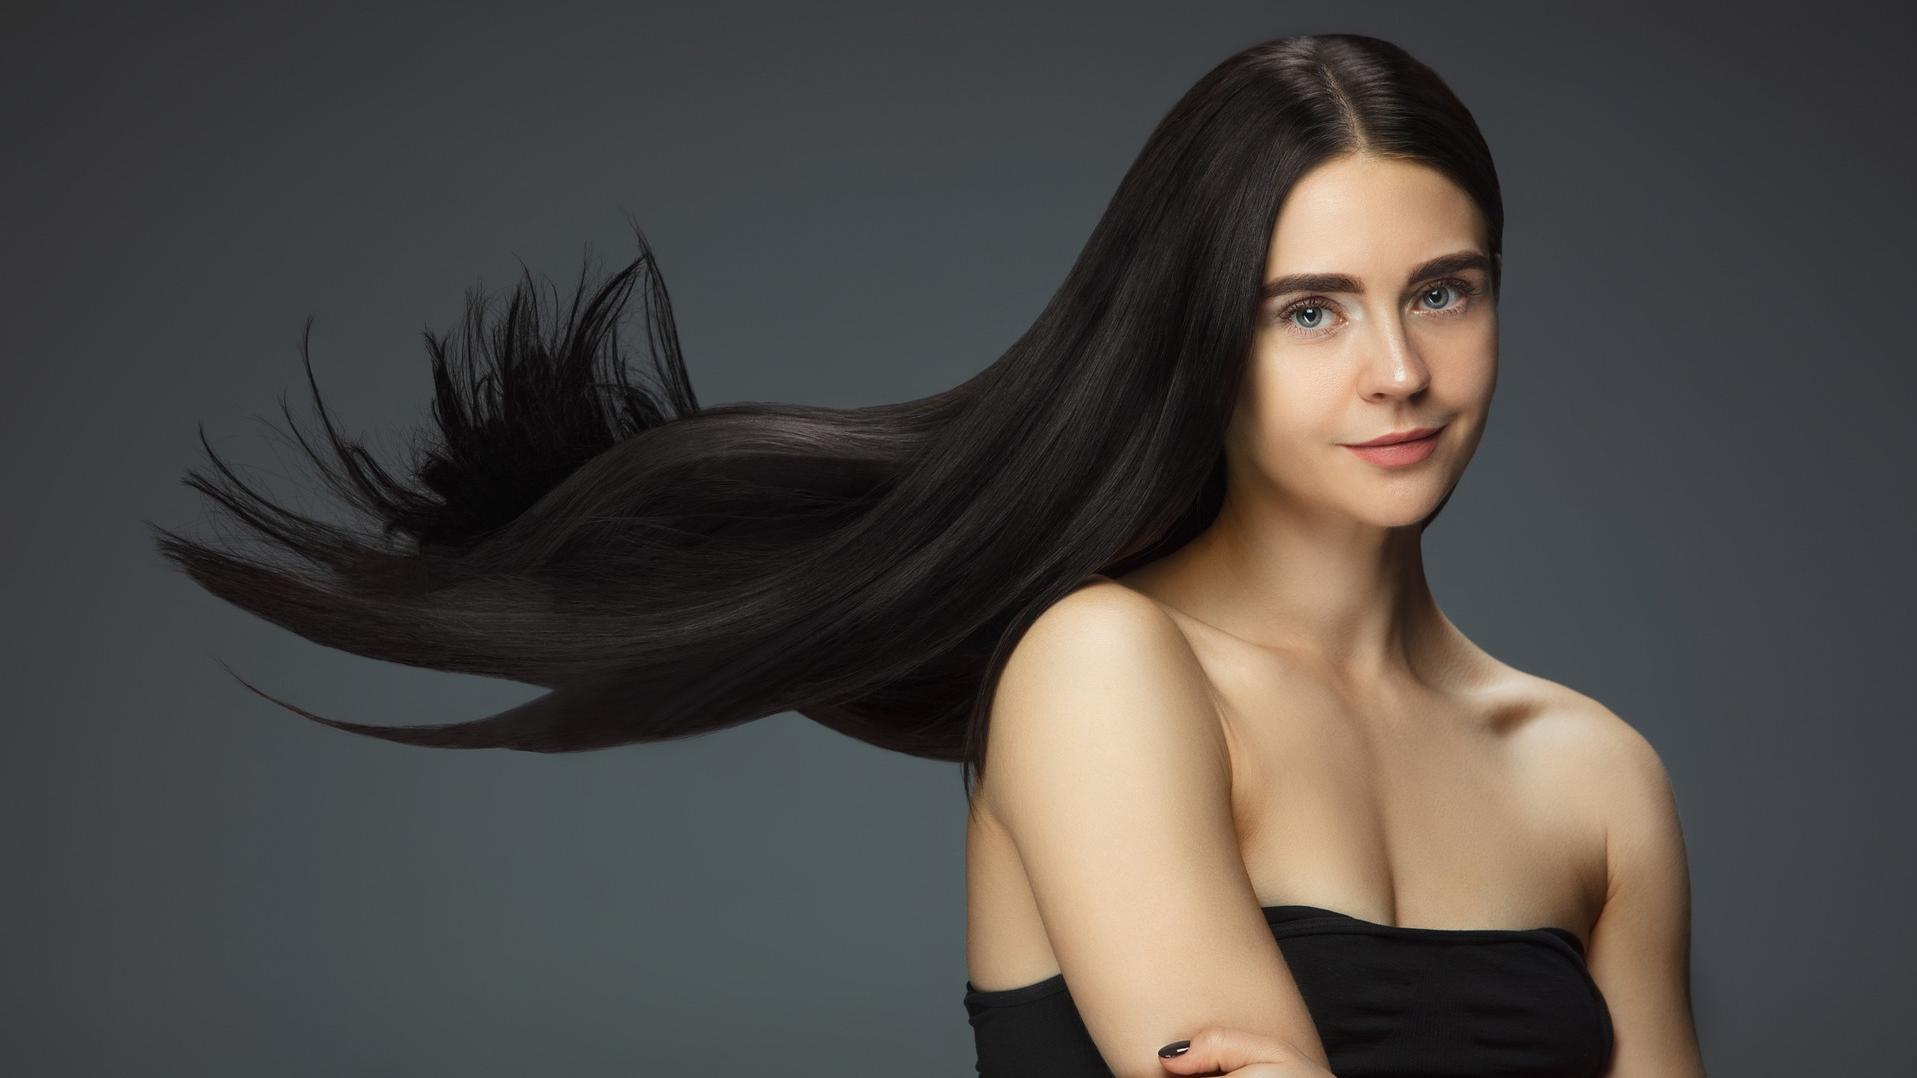 Mit der richtigen Pflege und Ernährung stärken Sie Ihre Haare.